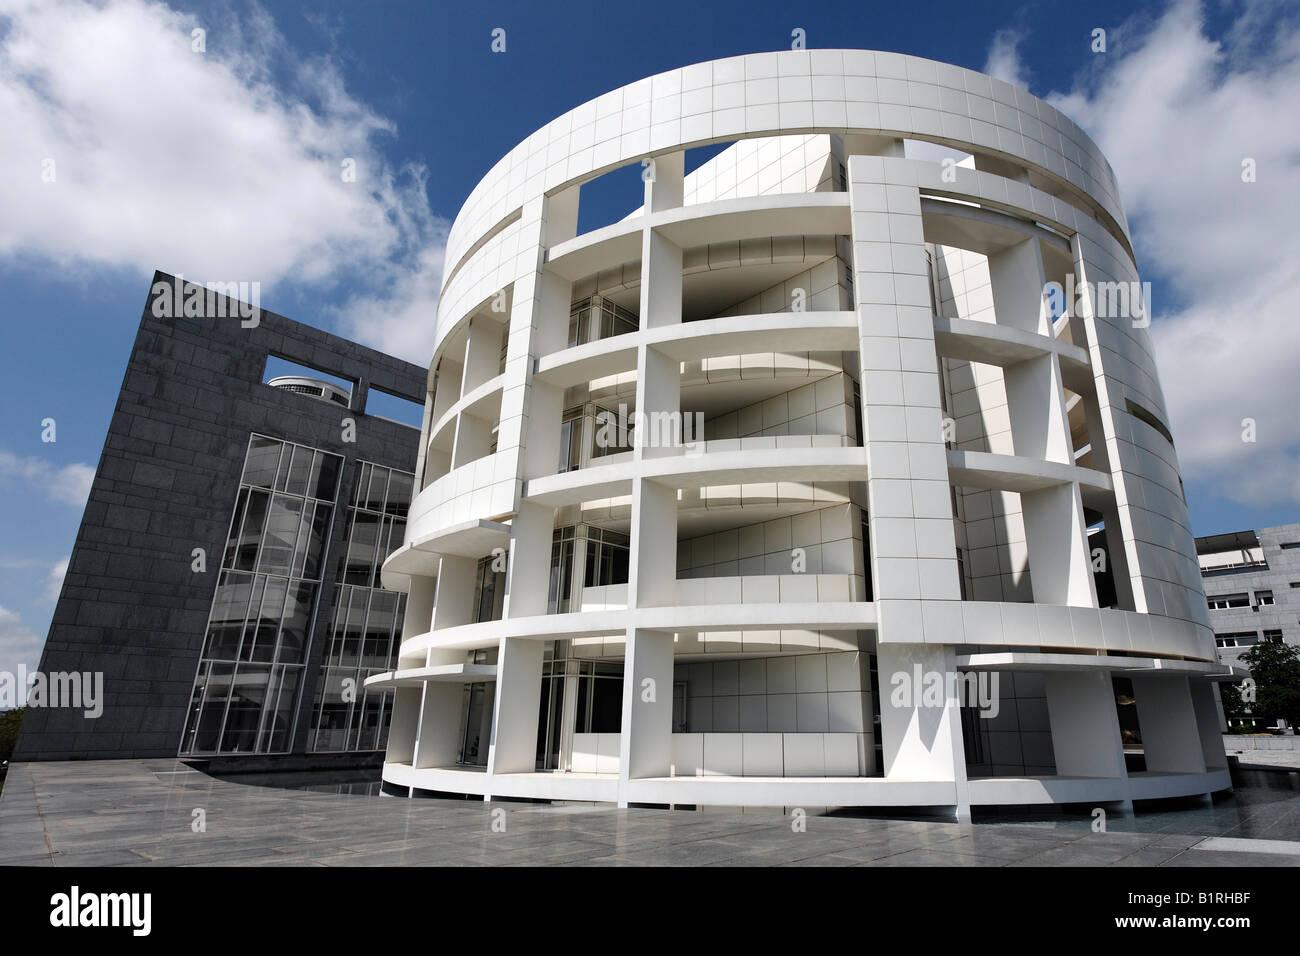 Moderne hypobank geb ude entworfen von architekt richard for Moderne architektur gebaude